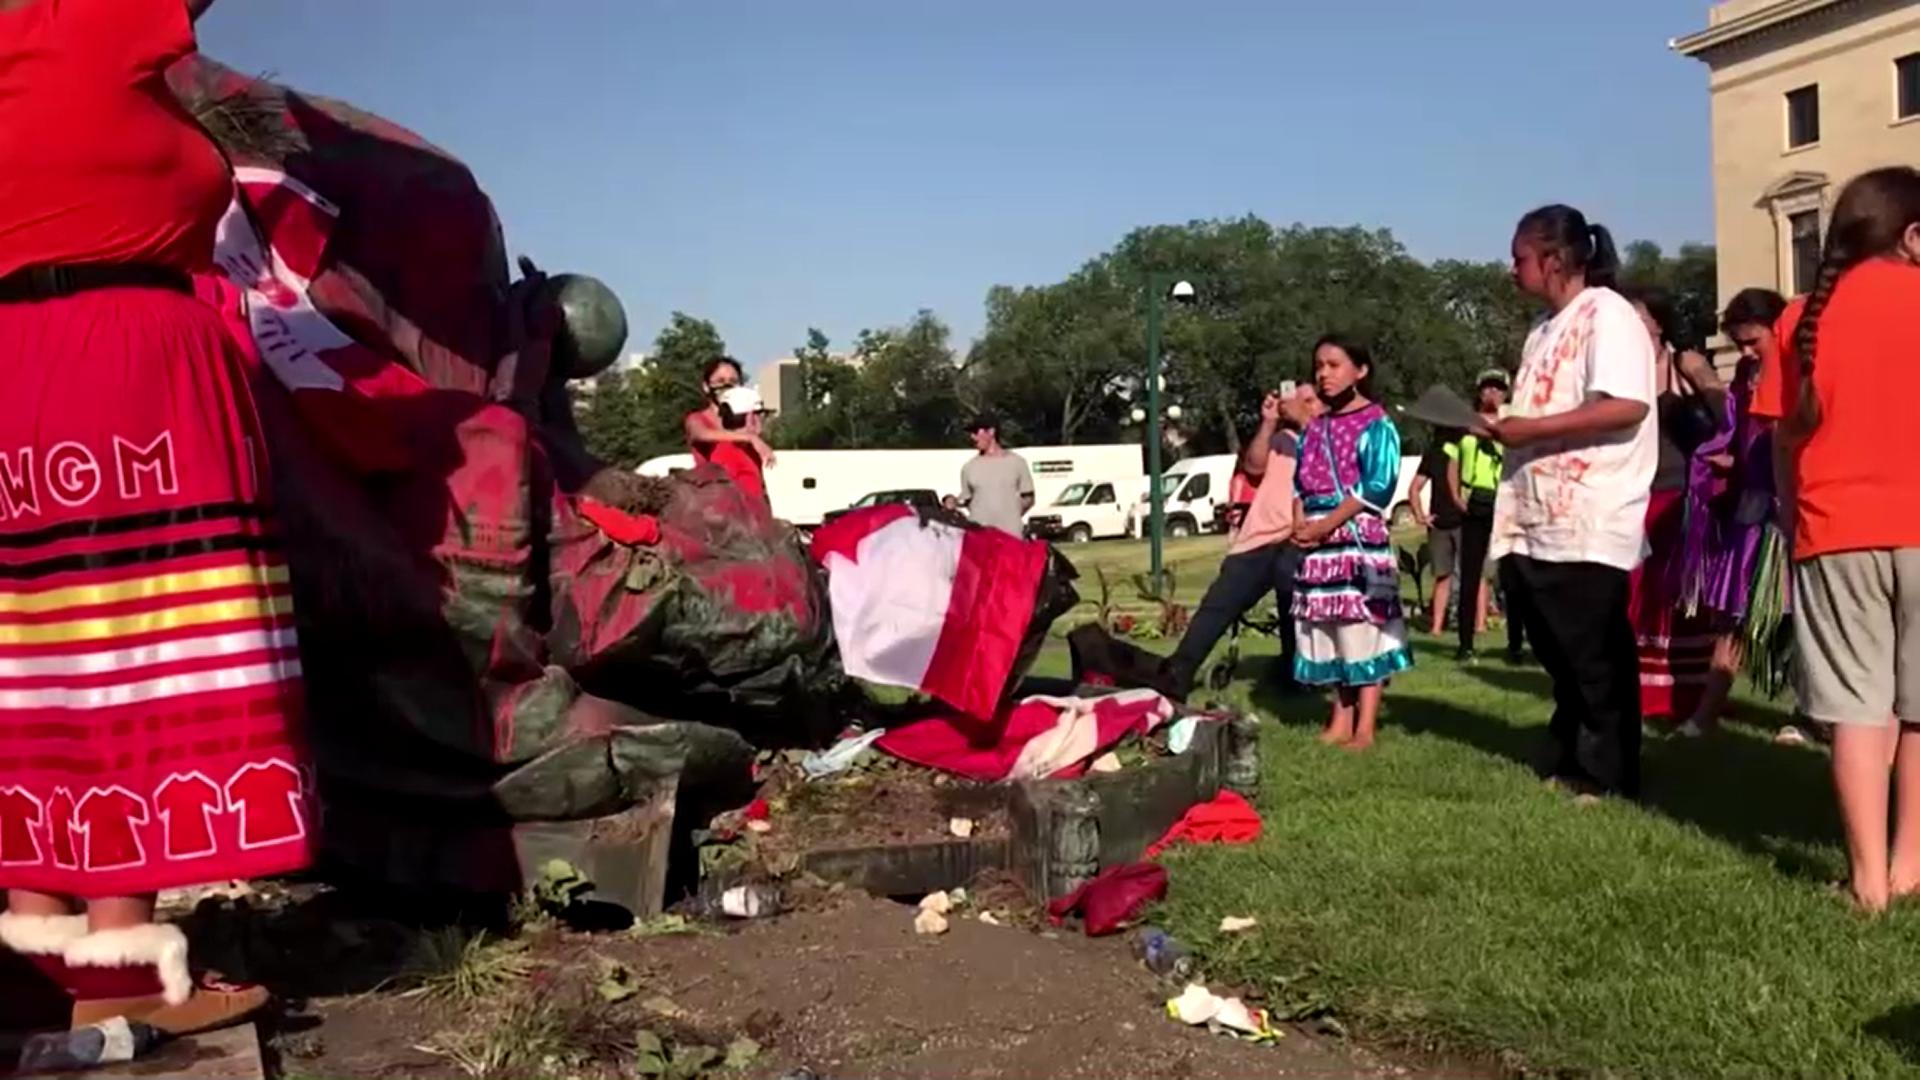 Manifestantes derrubam estátuas da rainha Vitória e rainha Elizabeth II no Cana